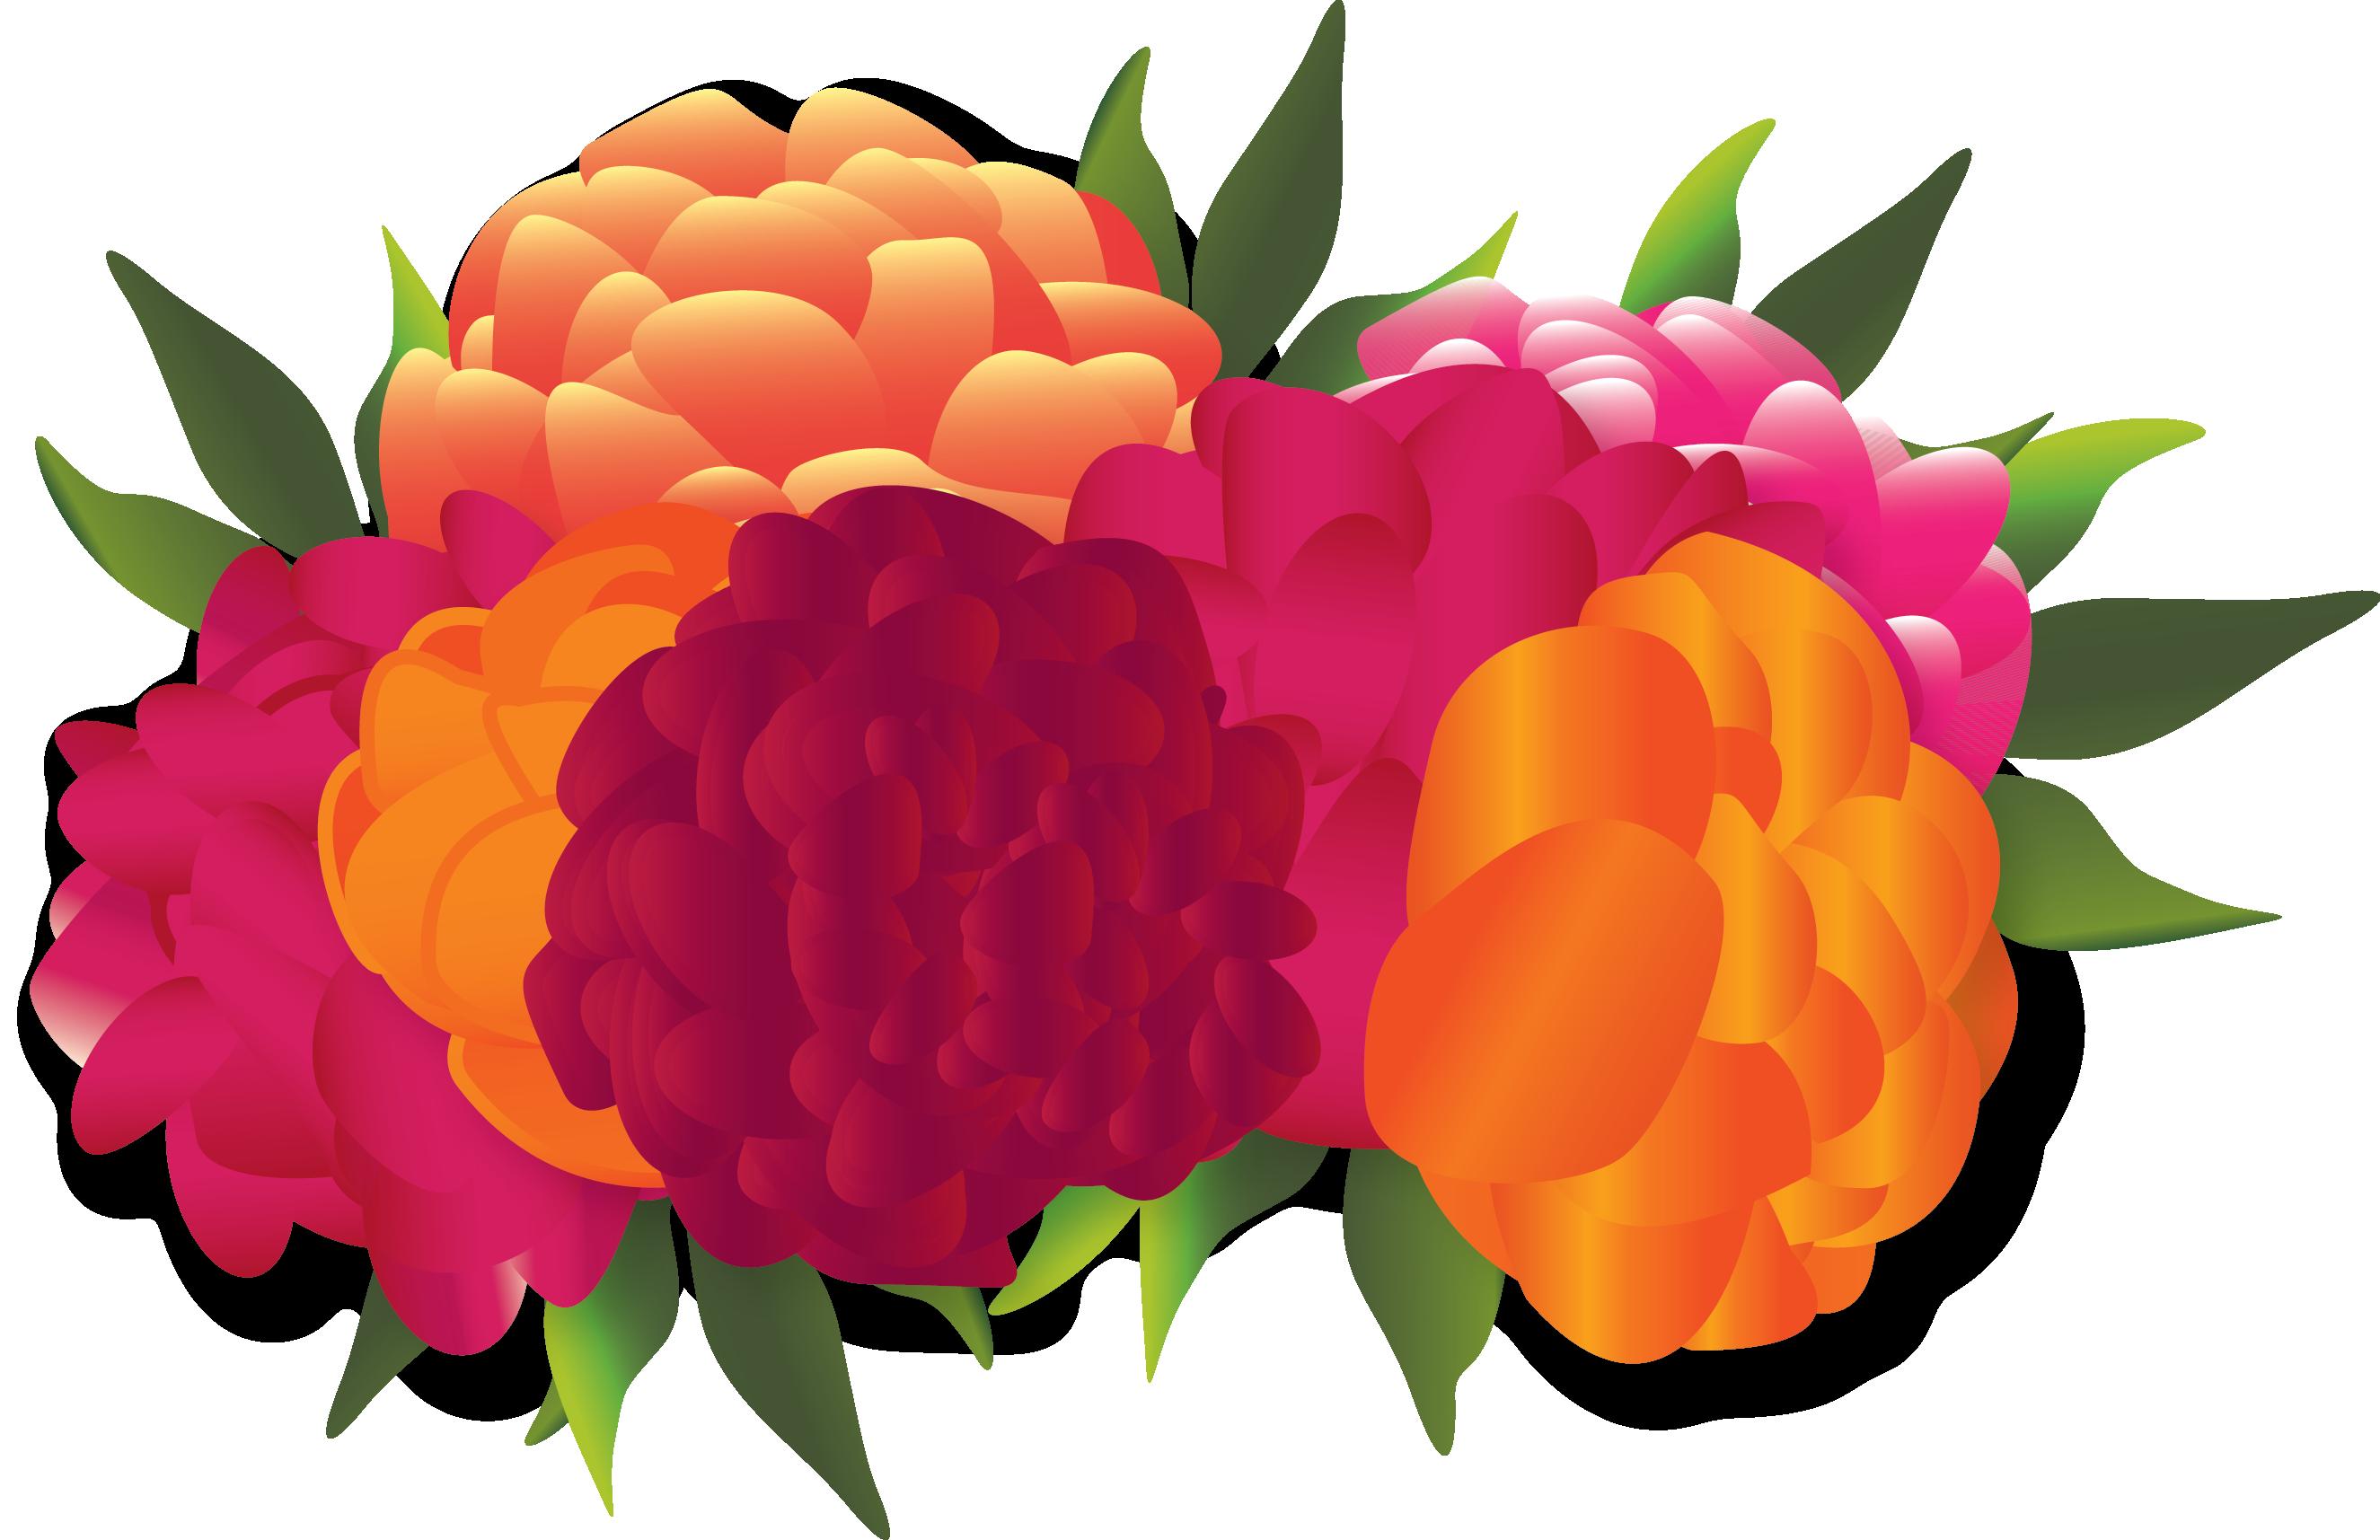 maracas clipart flower mexico